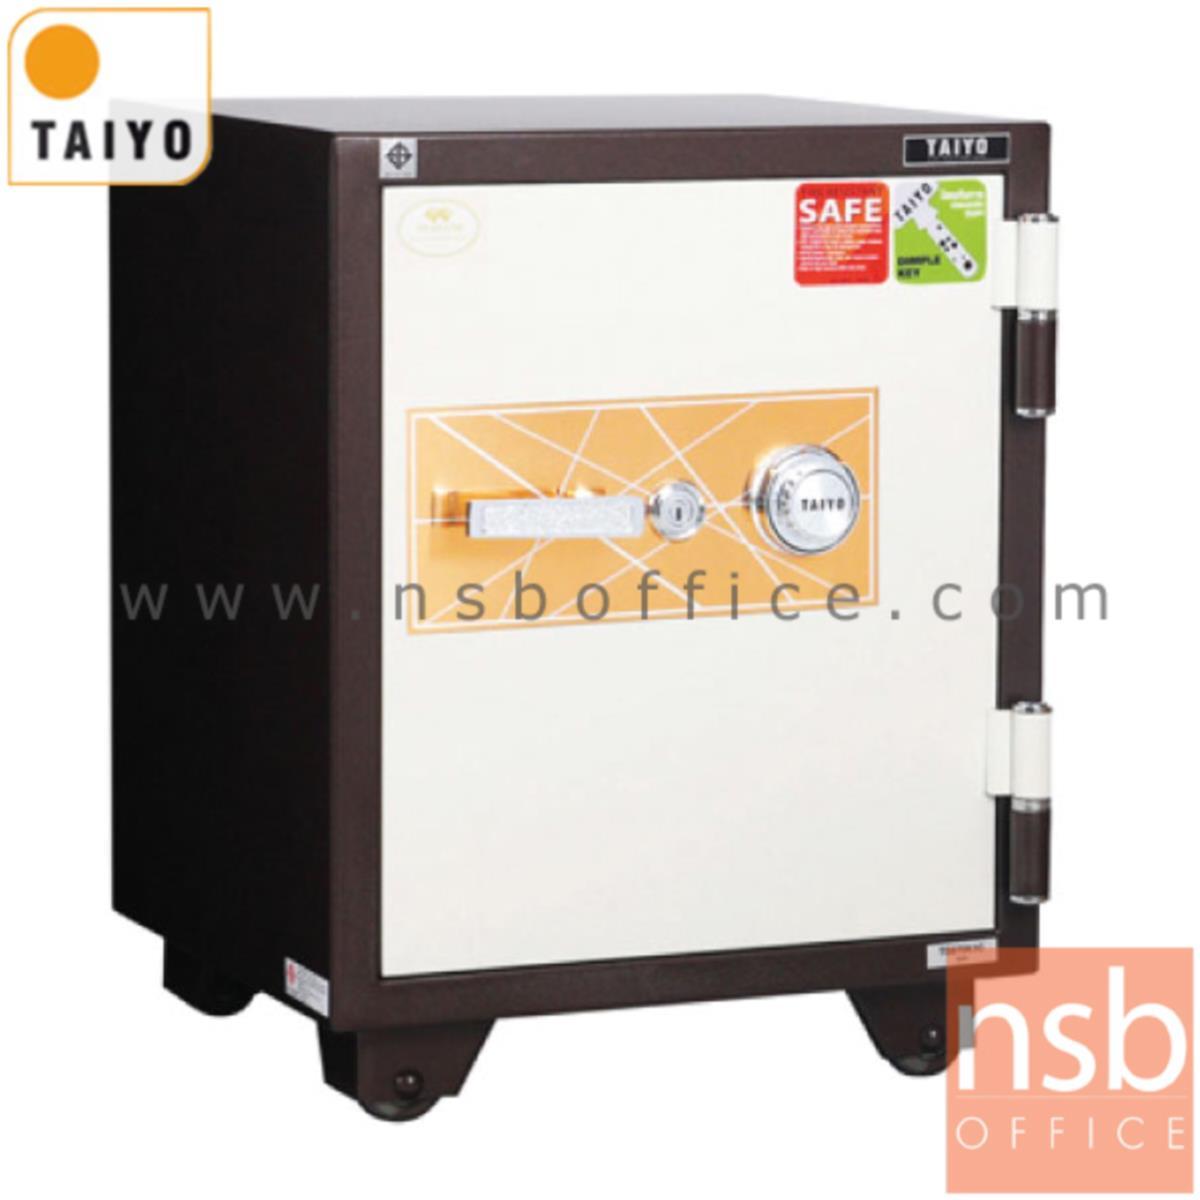 ตู้เซฟ TAIYO รุ่น 110 กก. 1 กุญแจ 1 รหัส (TS675K1C-30)